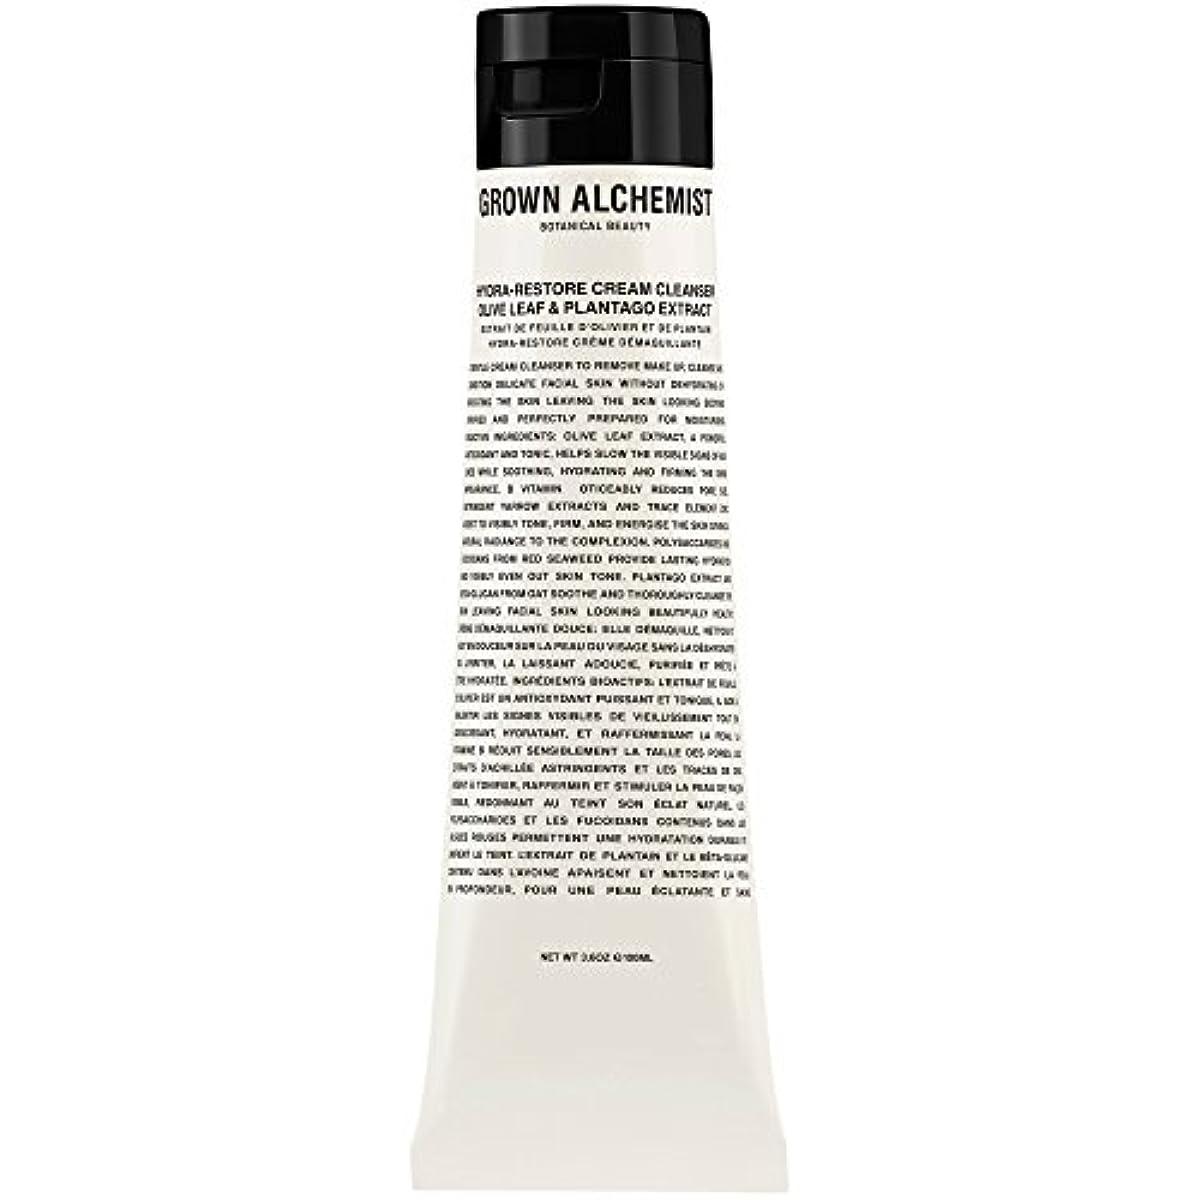 観察する専門マスタードオリーブの葉&Plantogoエキス、100ミリリットル:成長した錬金術師クリームクレンザーをヒドラ復元 (Grown Alchemist) (x6) - Grown Alchemist Hydra-Restore Cream...